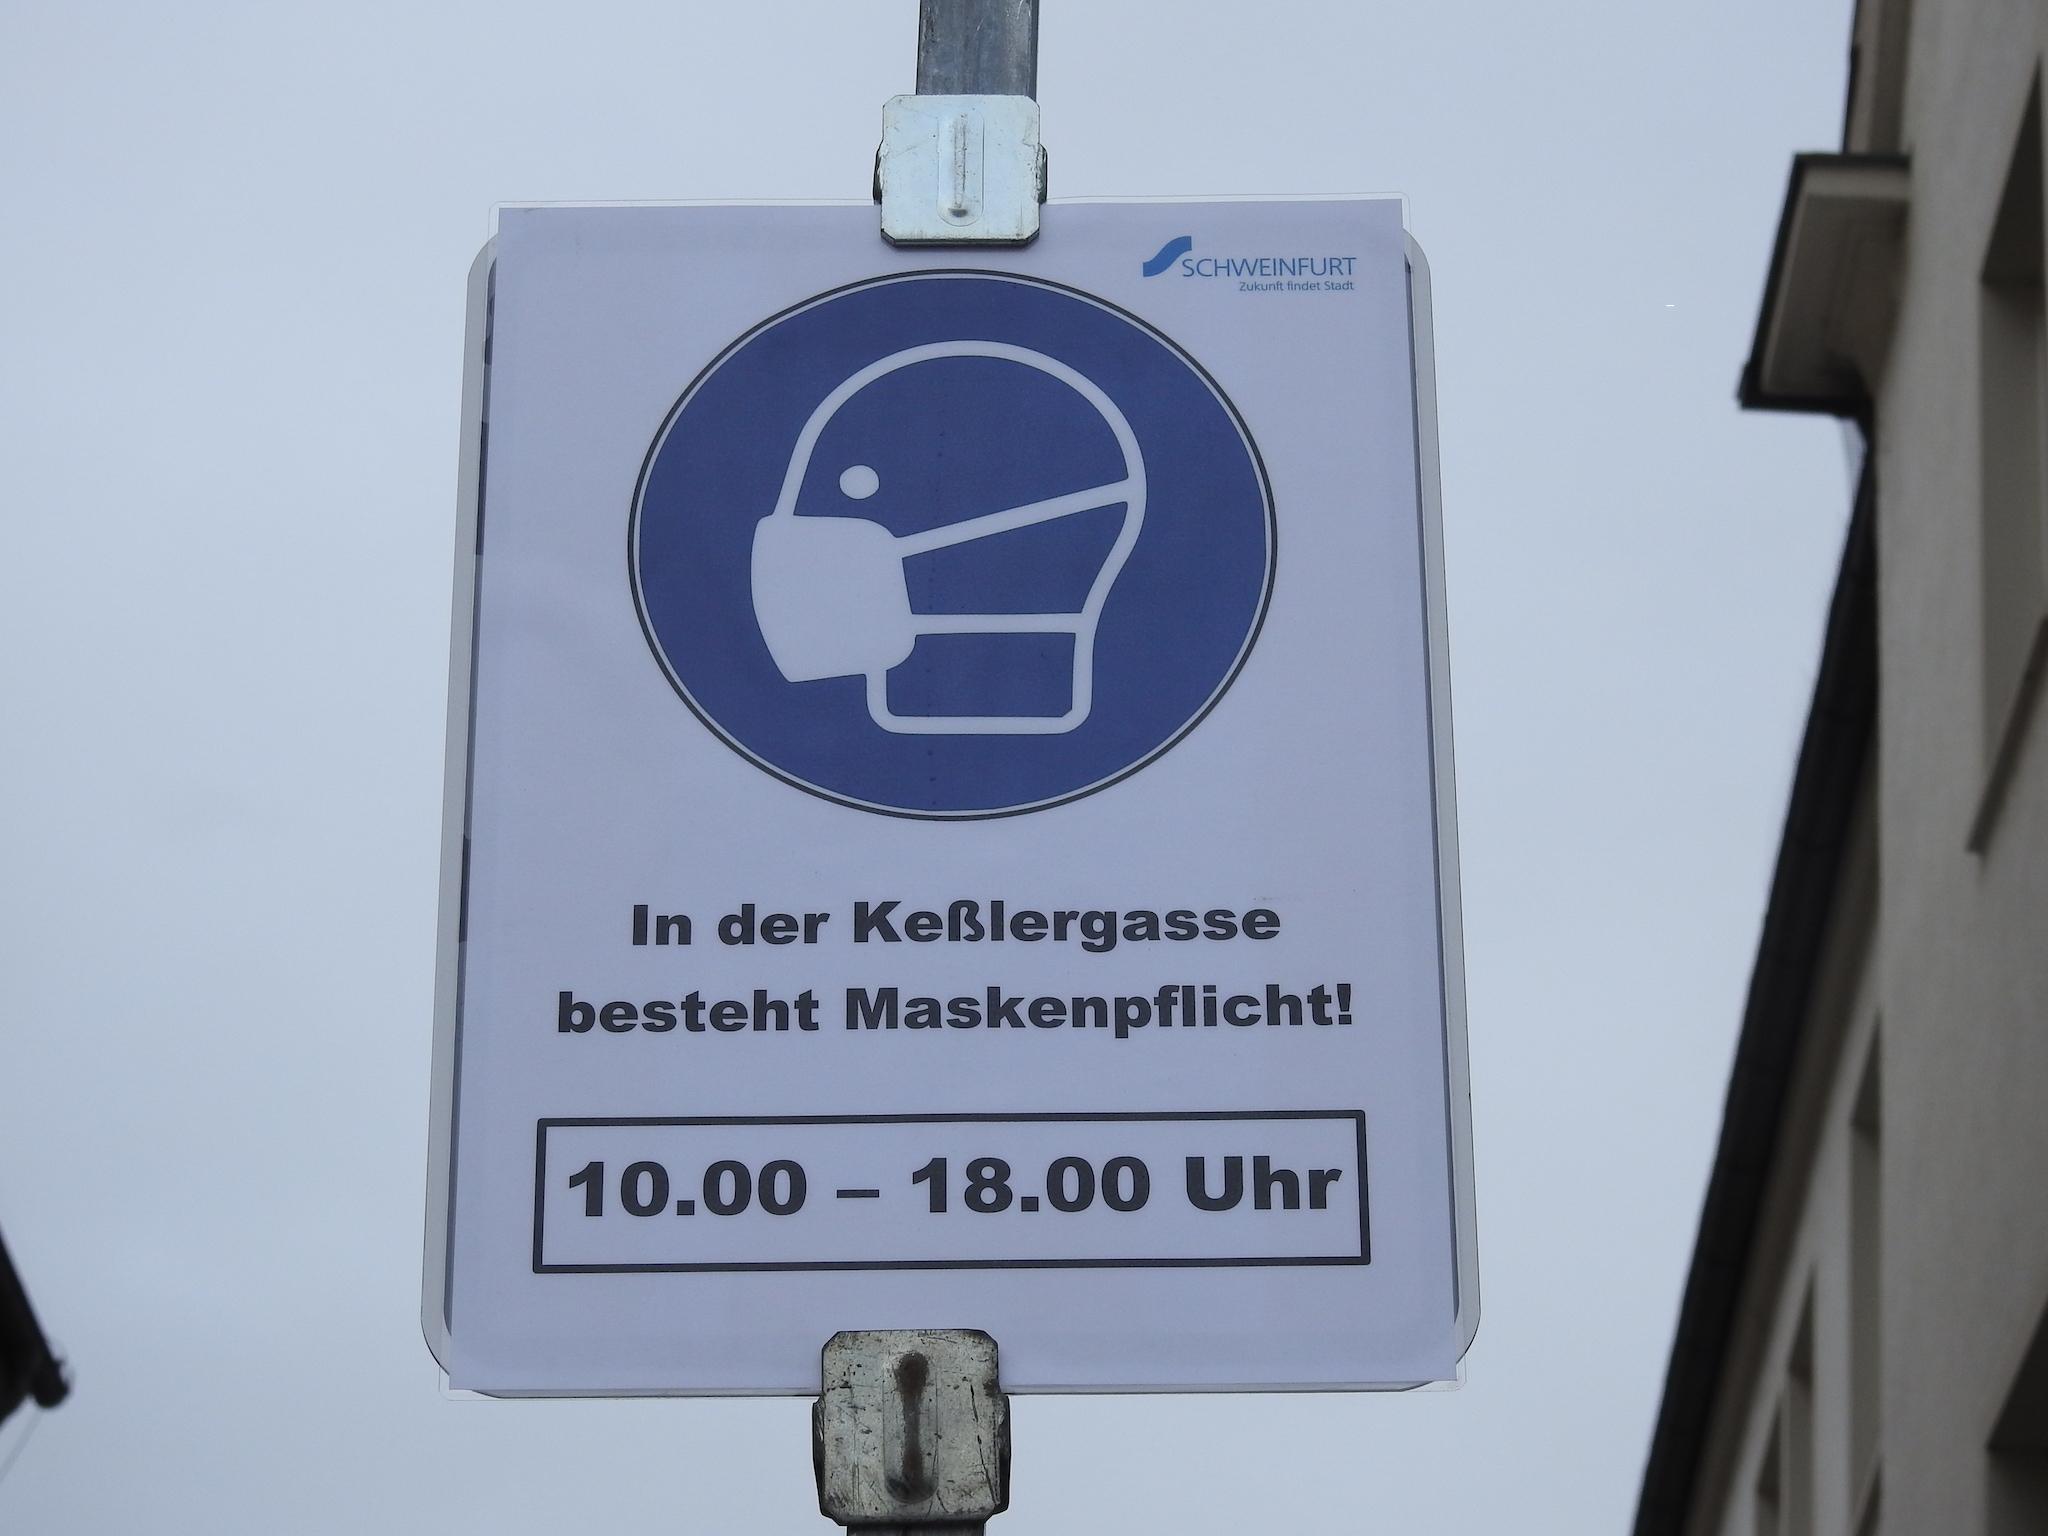 Maskenpflicht in der Keßlergasse. Foto: Dirk Flieger